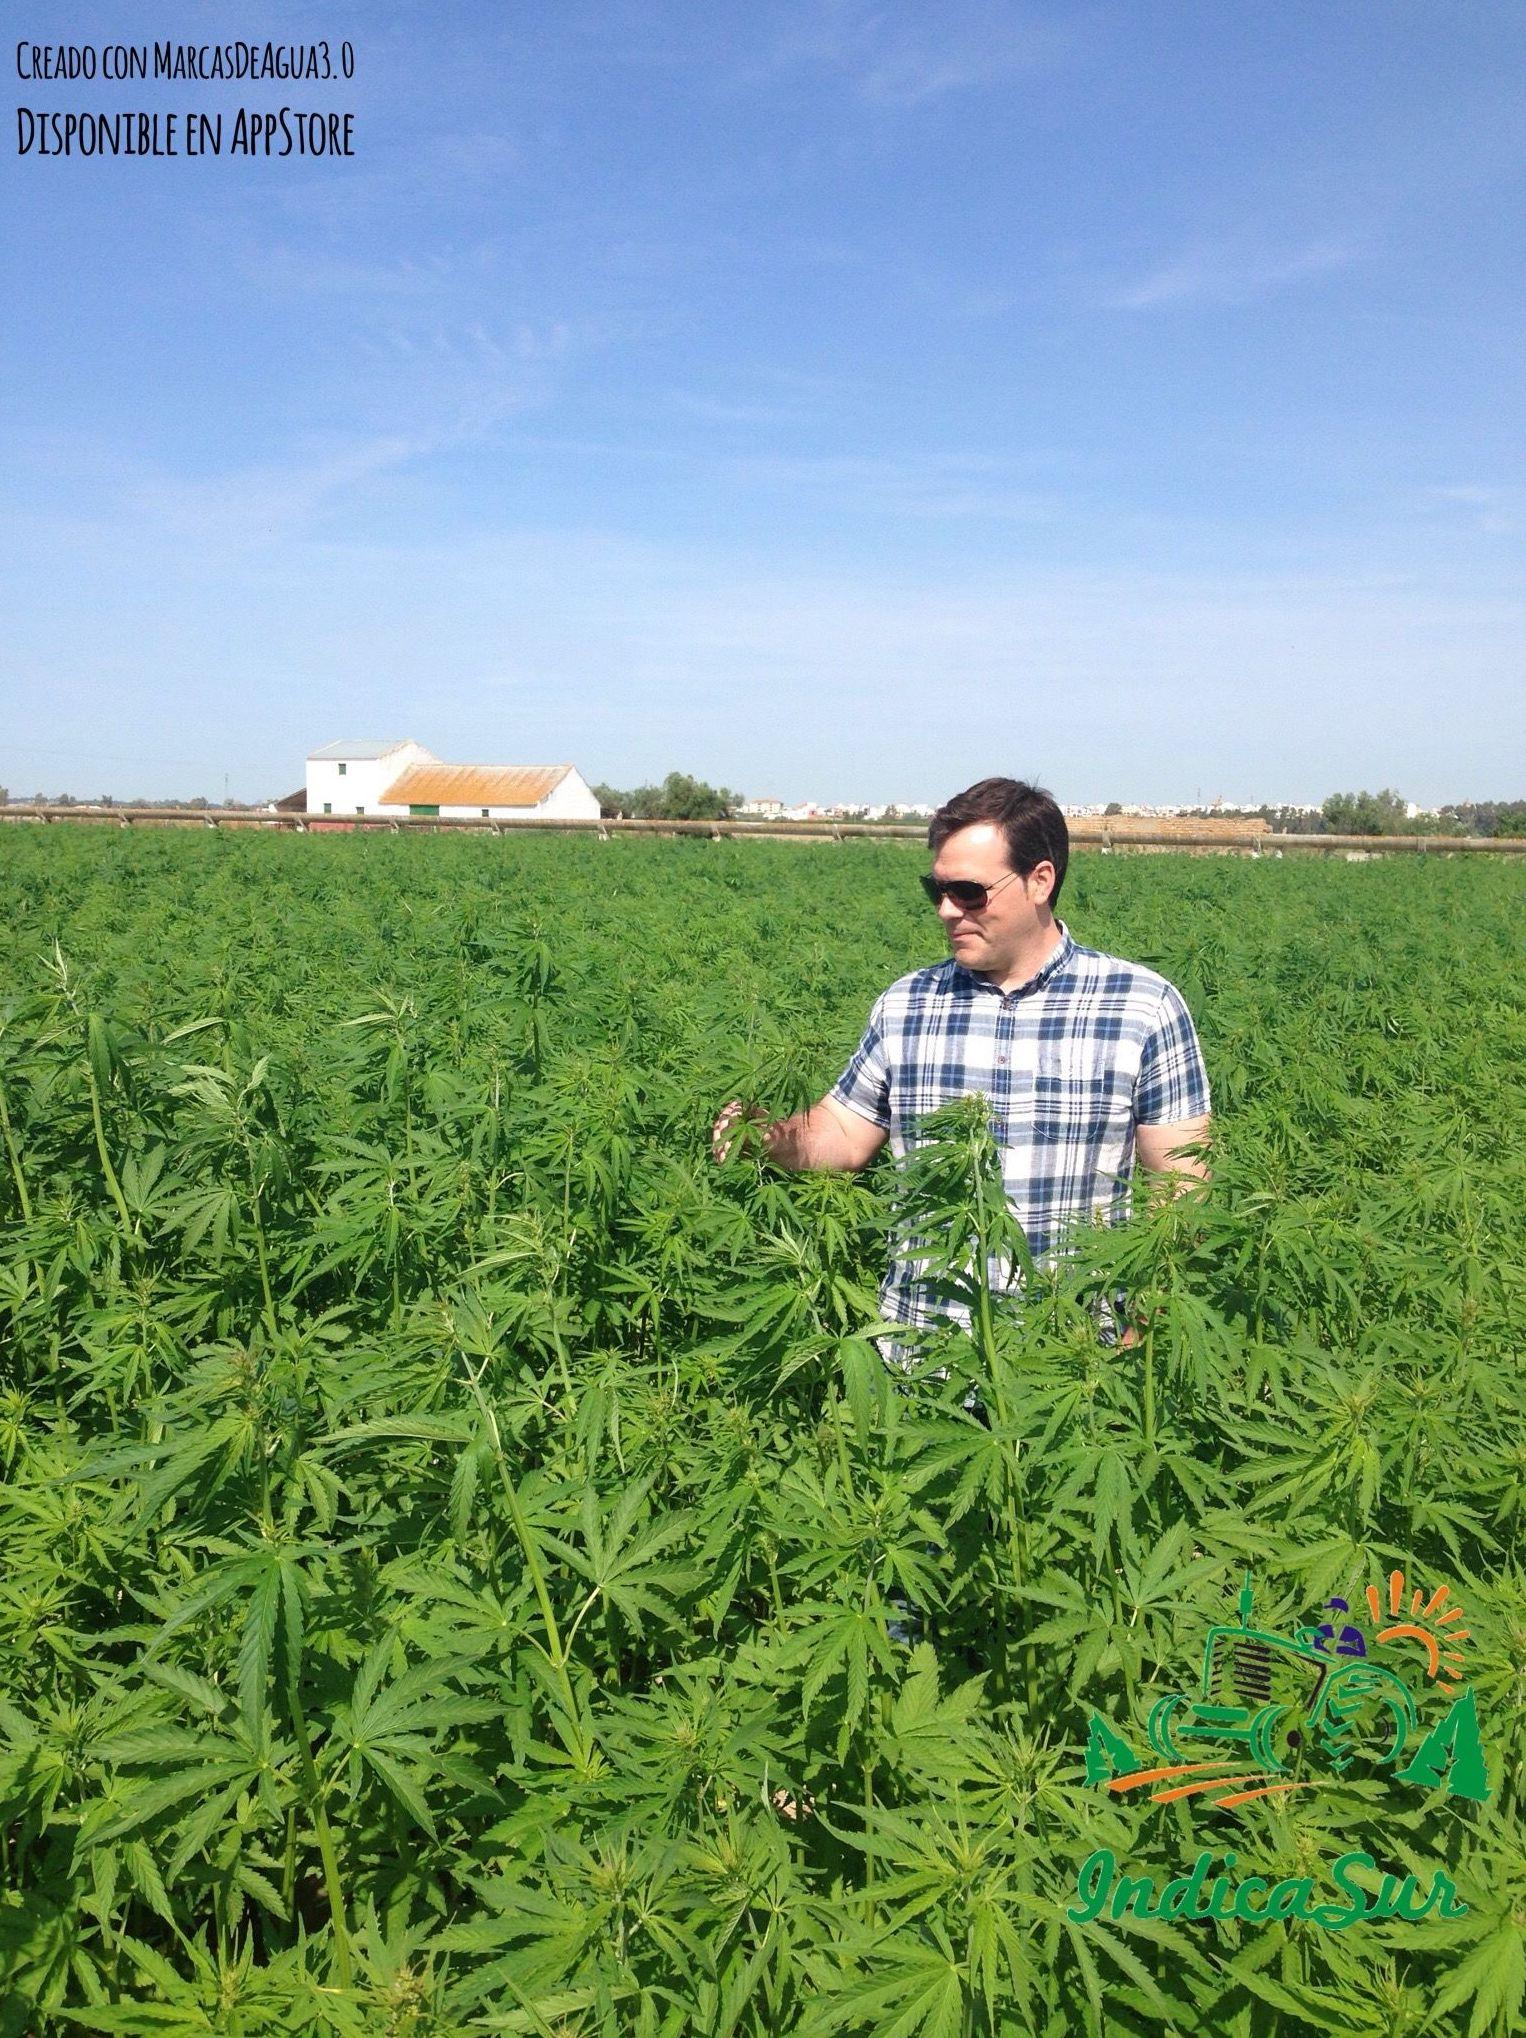 Cultivo de cañamo industrial en la vega del guadalquivir con 36 días desde la siembra.